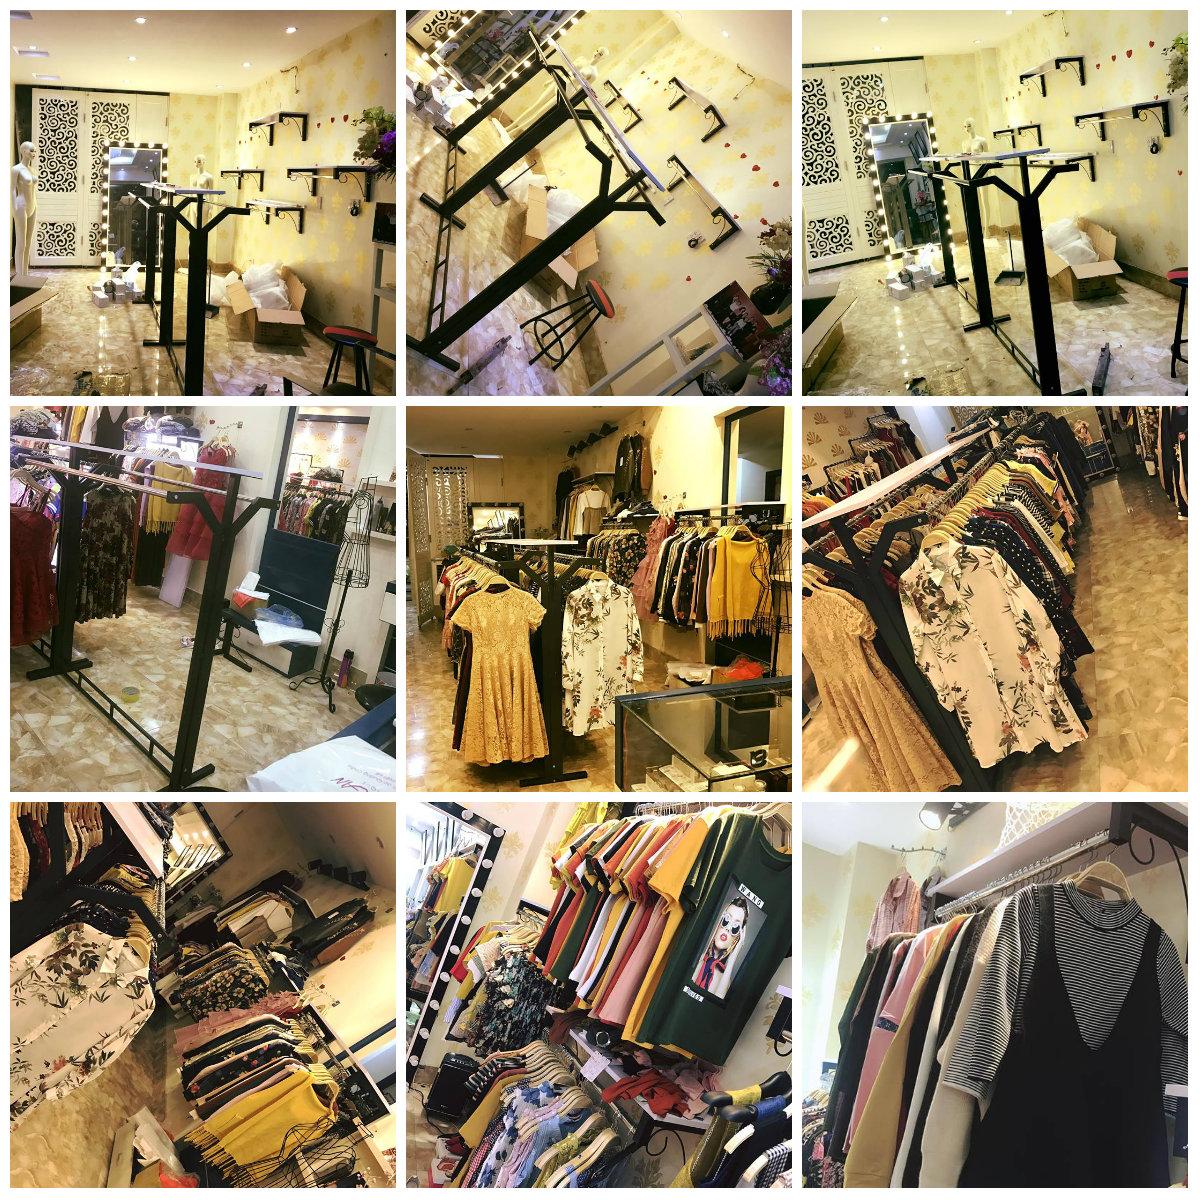 2 ĐỊA CHỈ UY TÍN: chuyên thiết kế và thi công giàn giá kệ shop thời trang giá tốt nhất